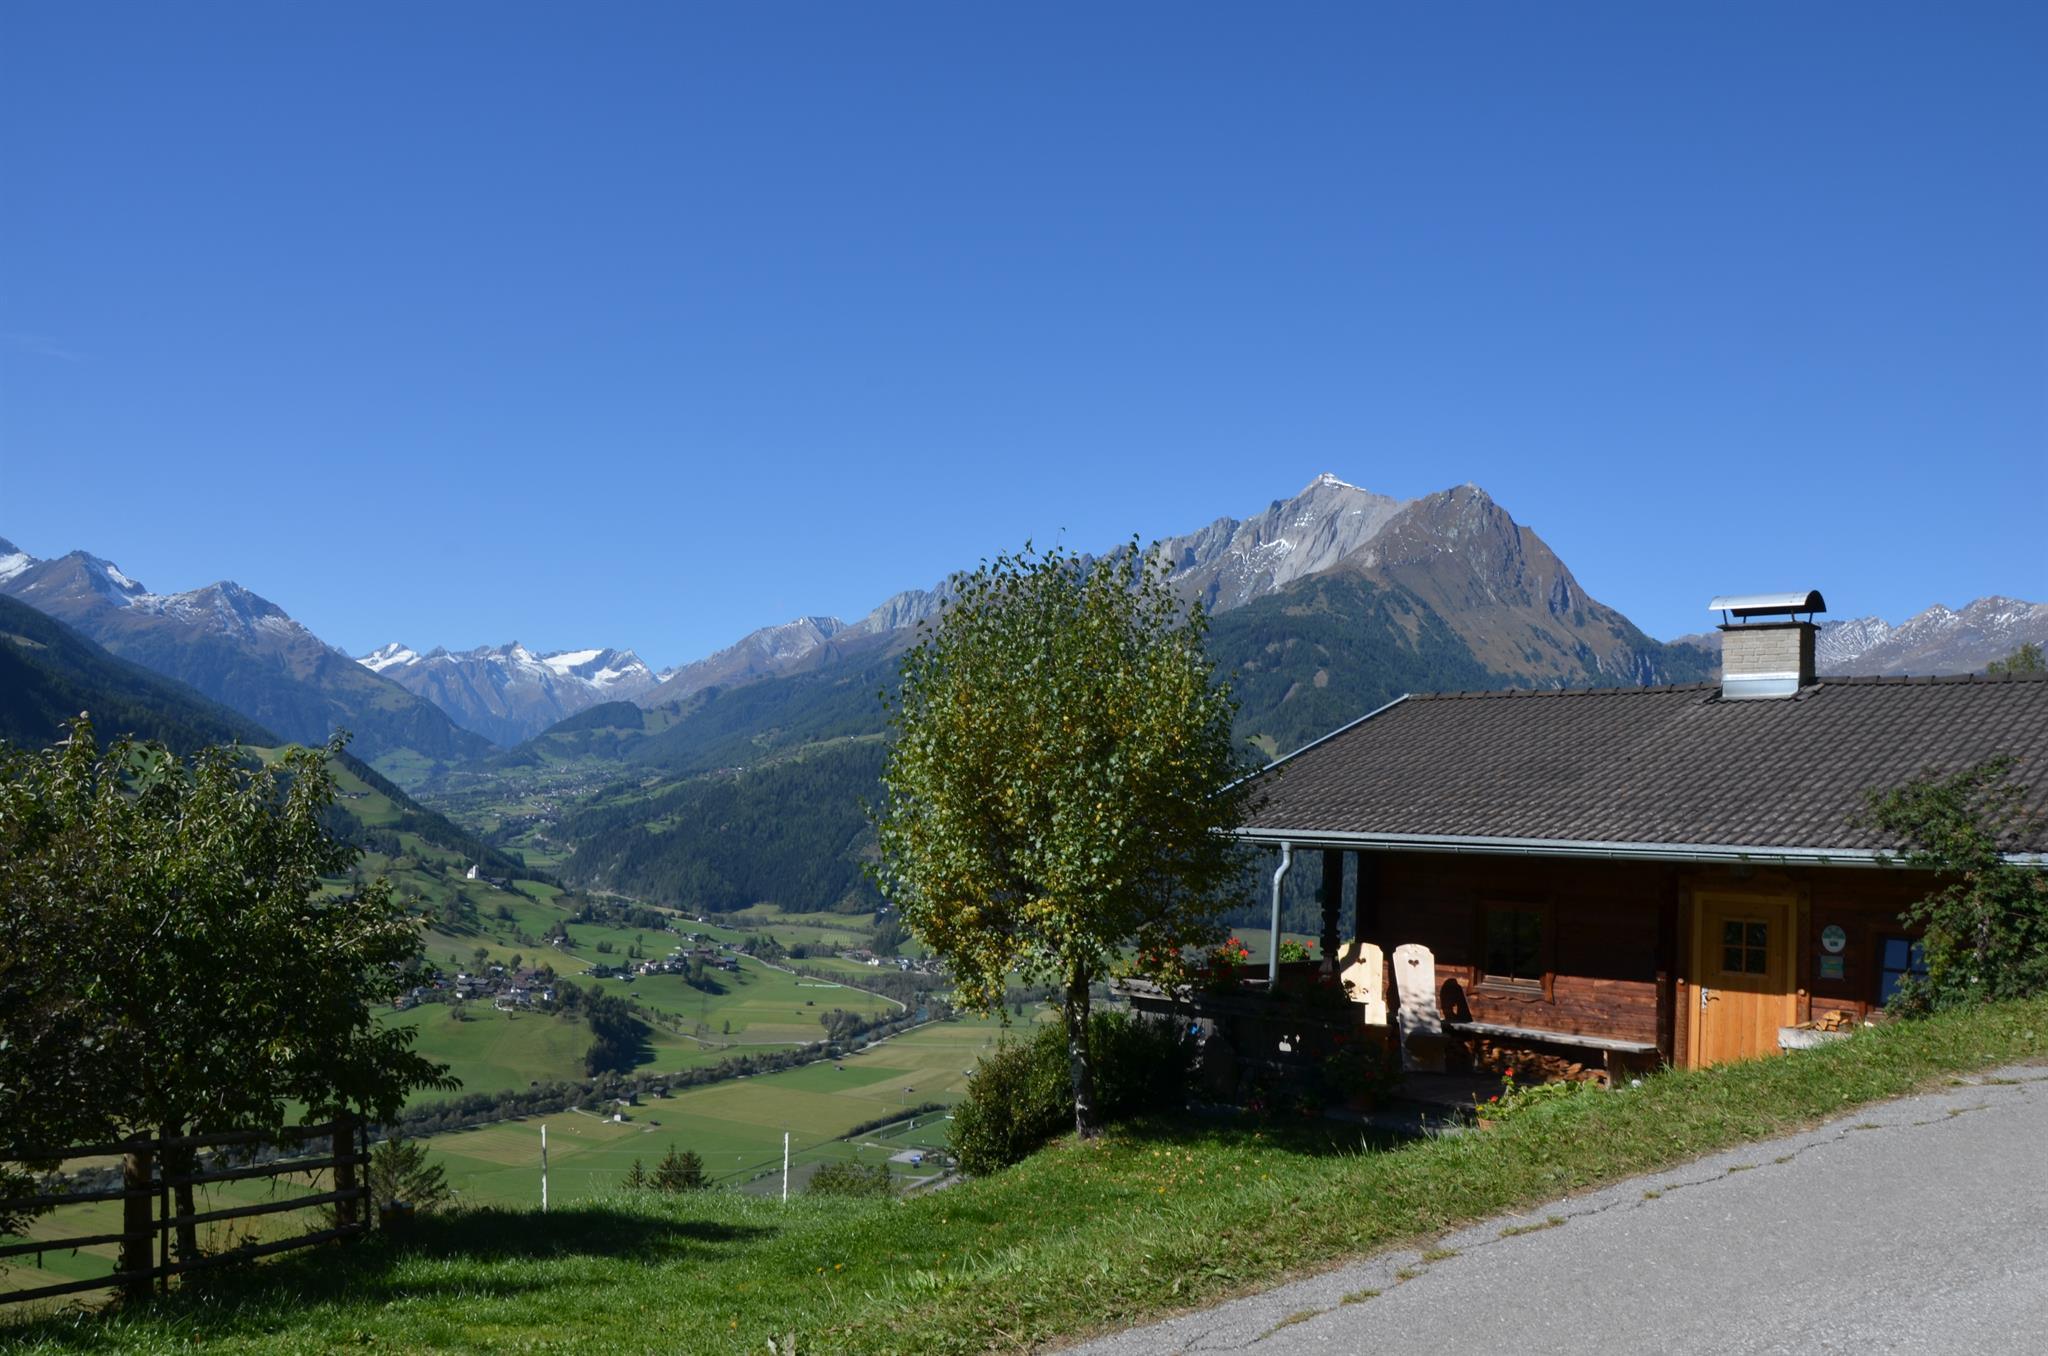 Ferienhaus-buchen-Osttirol.jpg